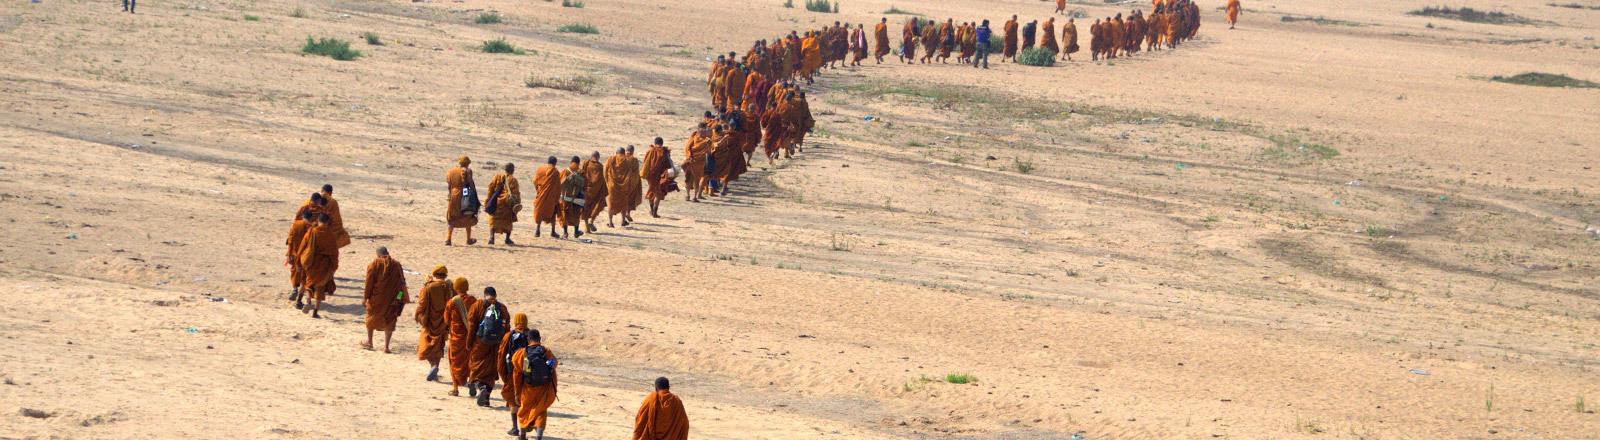 Thai-Mönche auf Pilgerwanderung in Indien